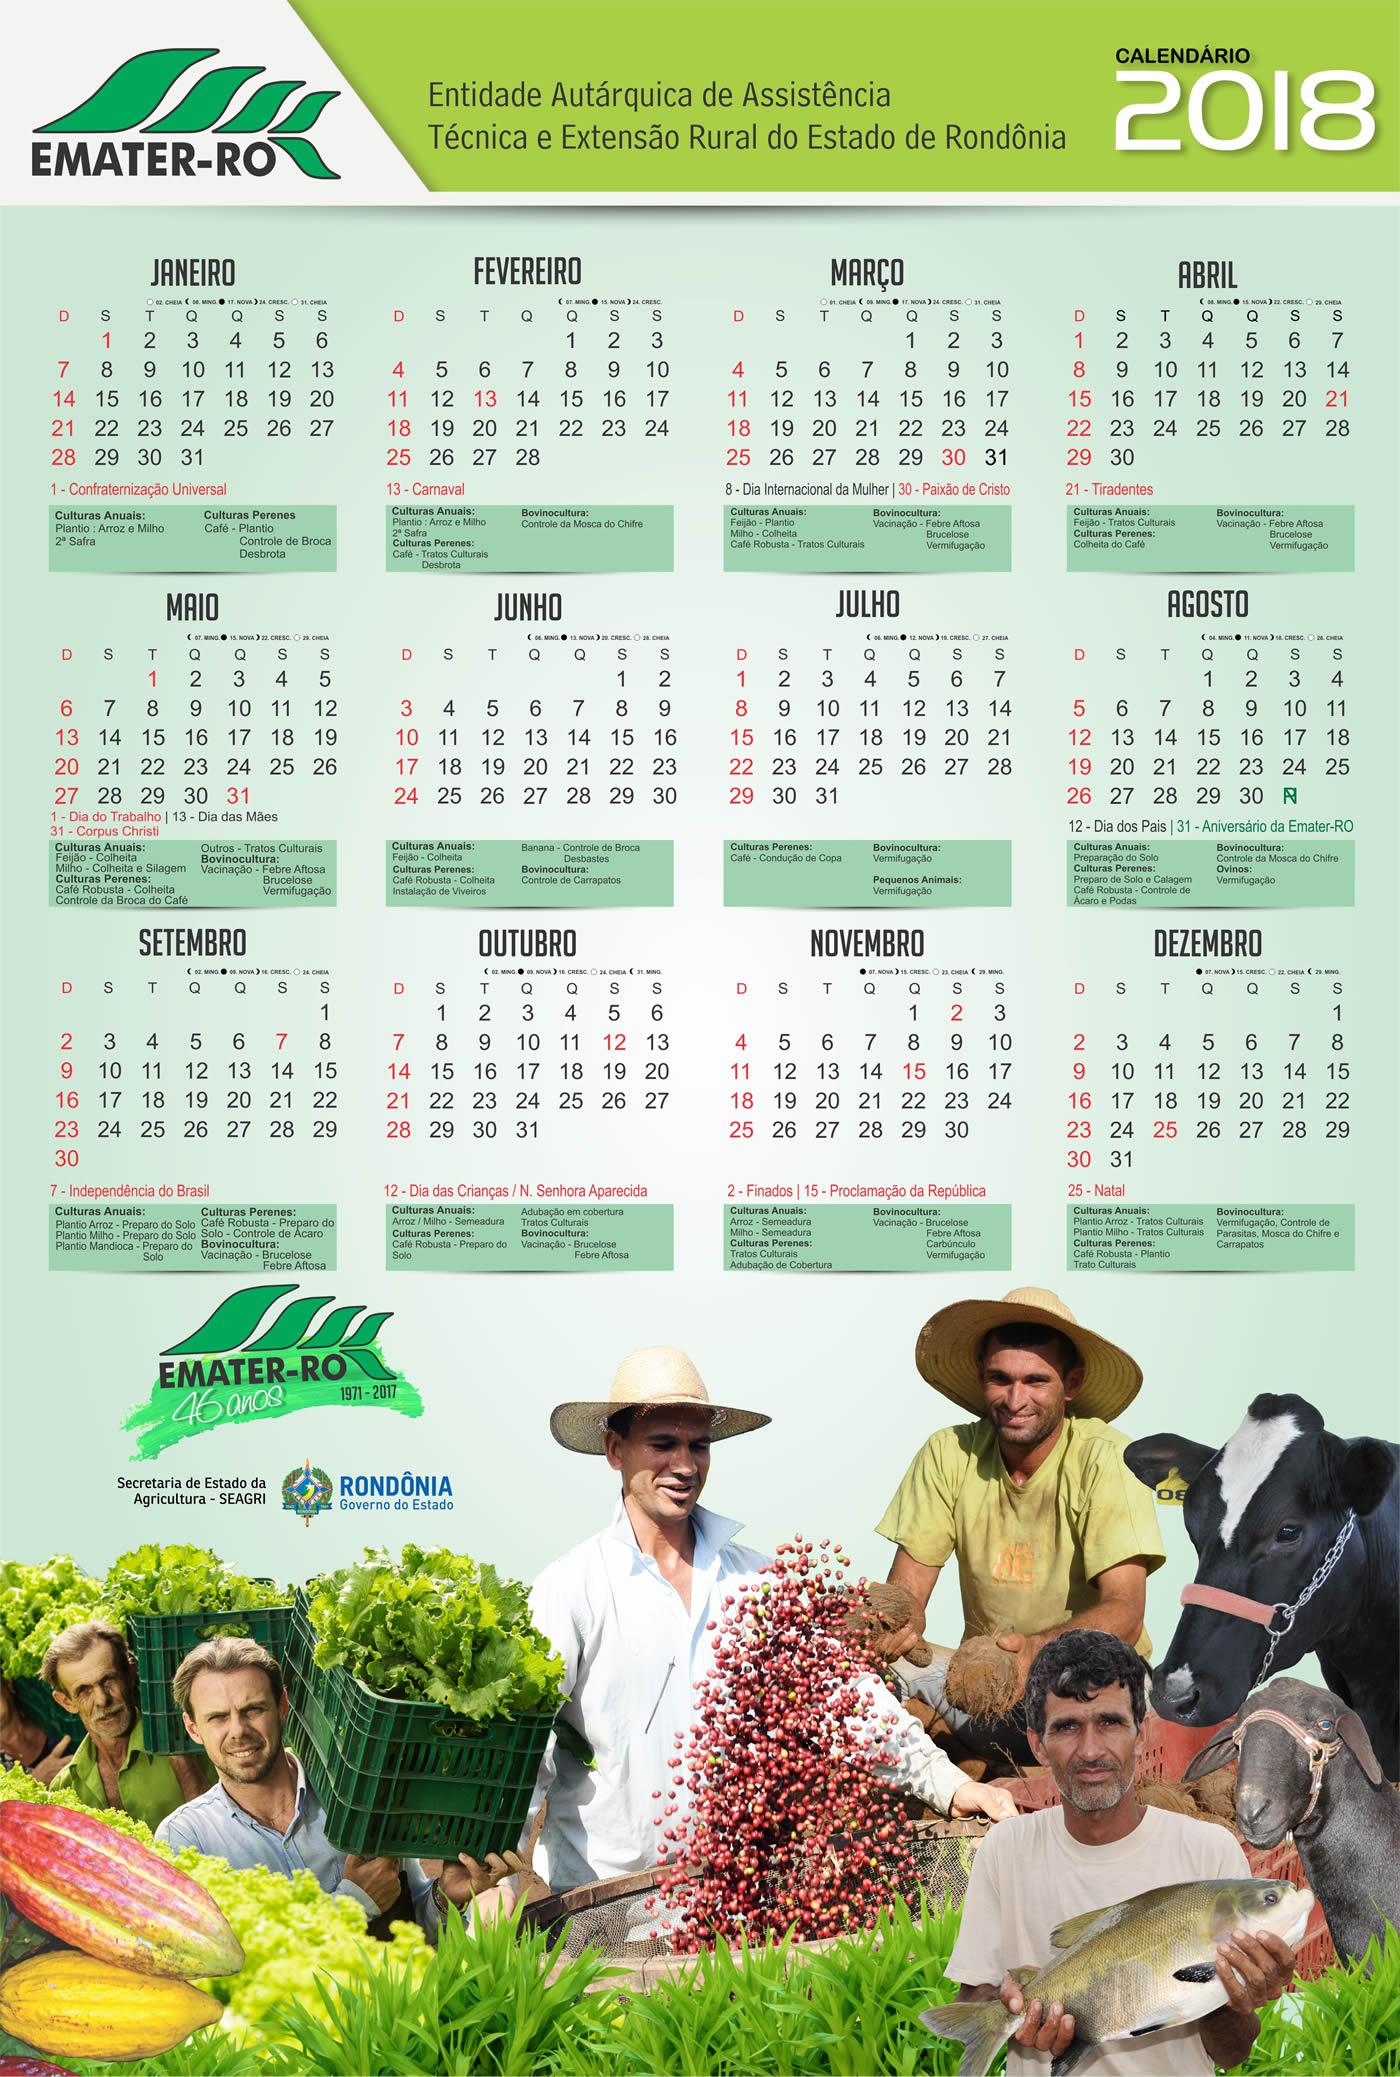 Calendario Emater 2018 ESSE